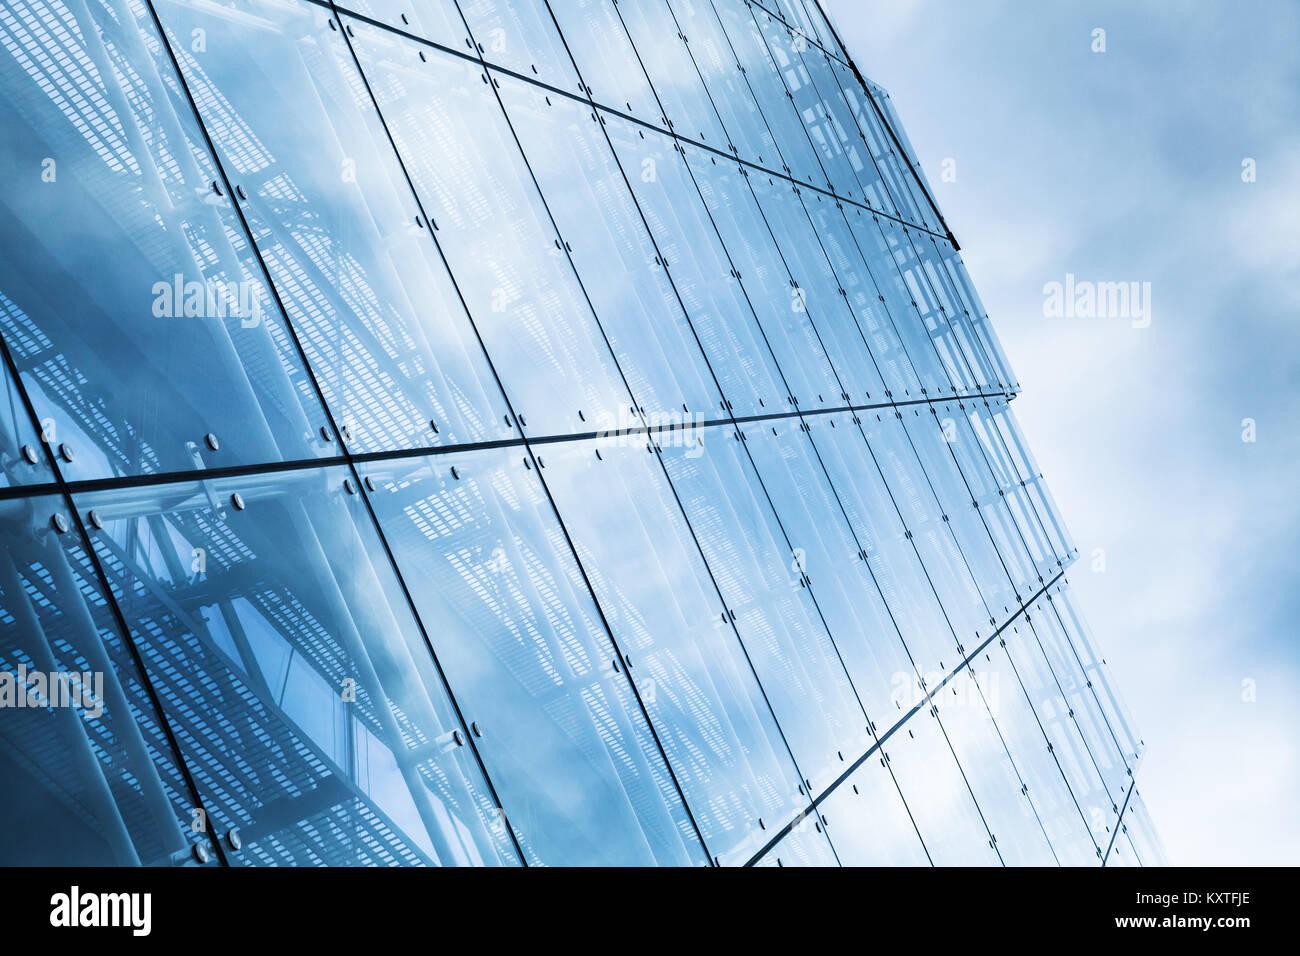 Mur rideau bleu fait des constructions de verre et d\'acier aux ...